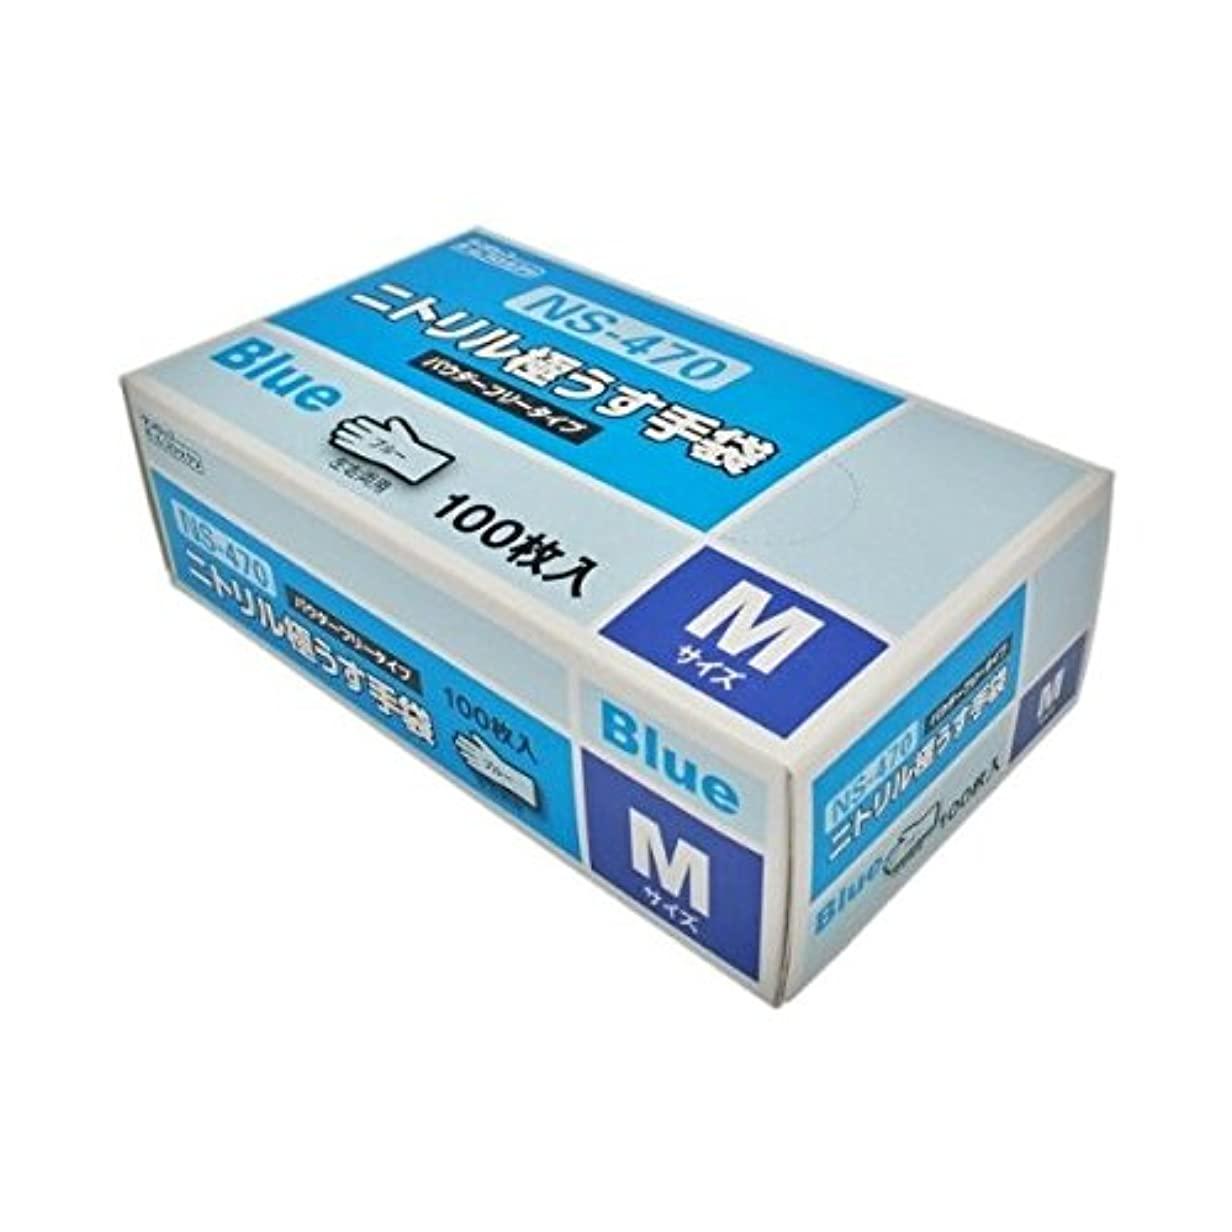 ささやき説教反毒(株)ダンロップホームプロダクツ ニトリル極薄手袋 100枚 M ブルー